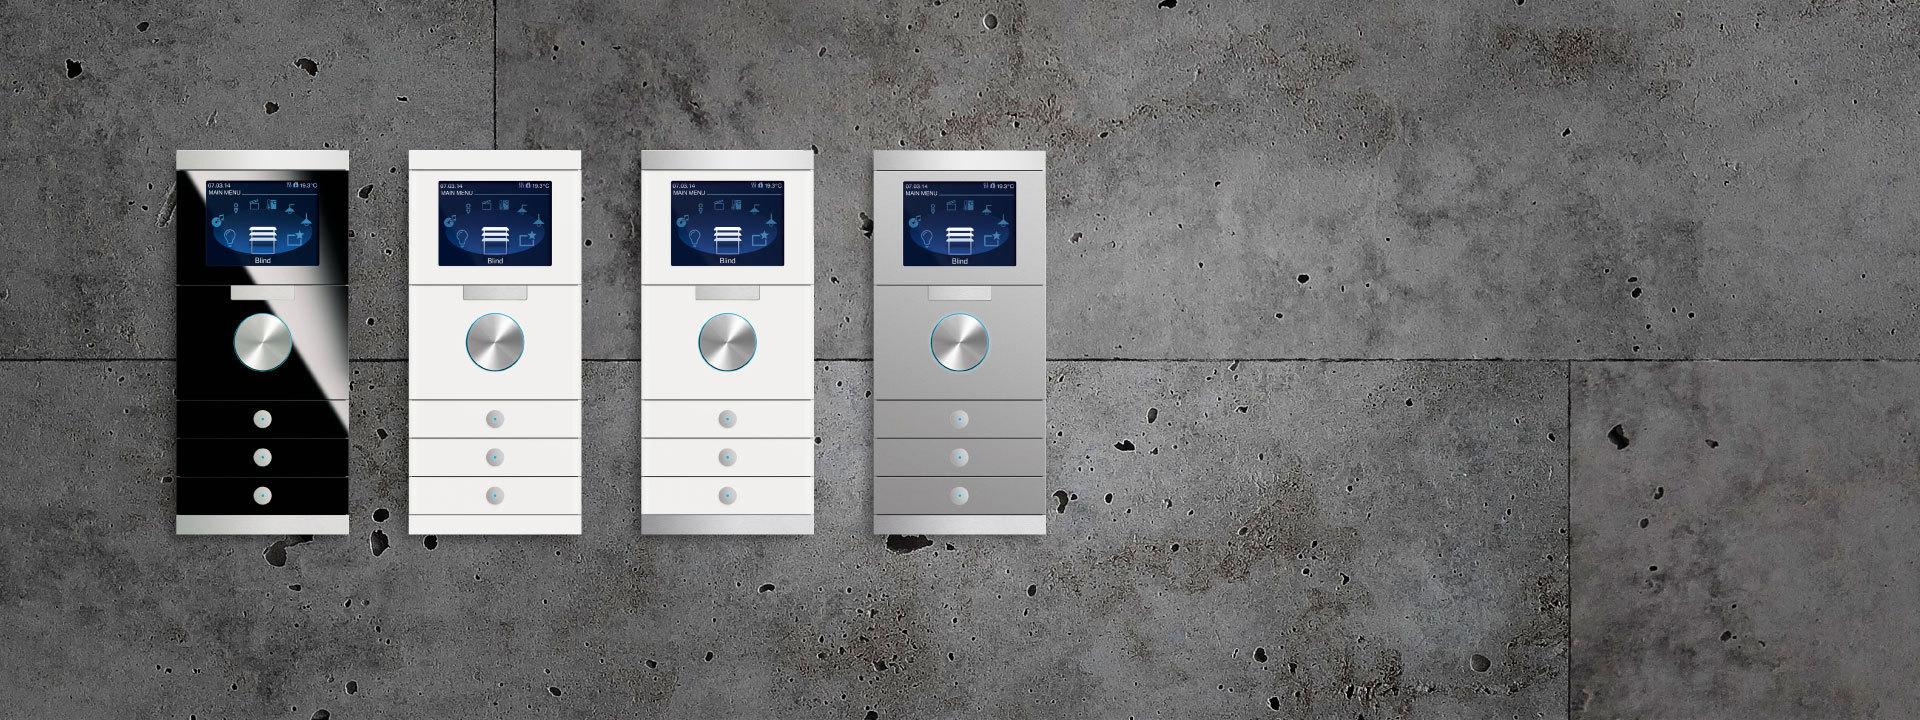 Средства домашней автоматизации. Теория и практика «Умных домов». Часть вторая - 1